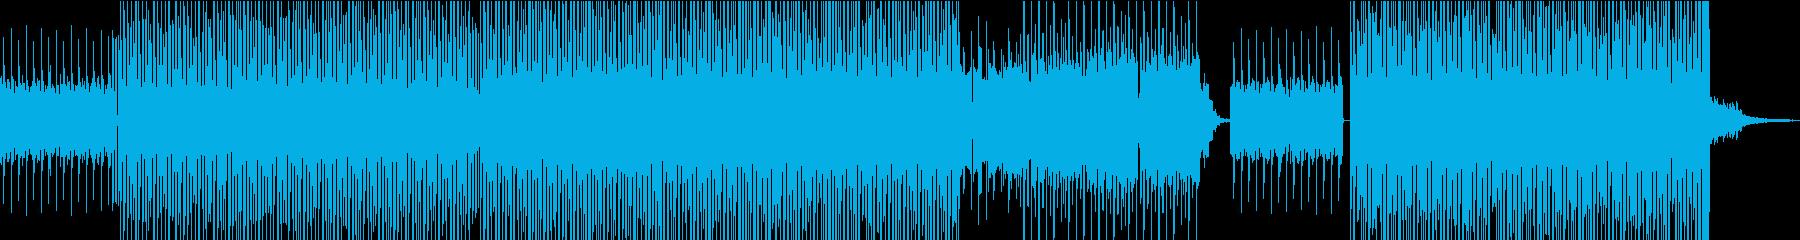 ポップなイメージのハウスの再生済みの波形